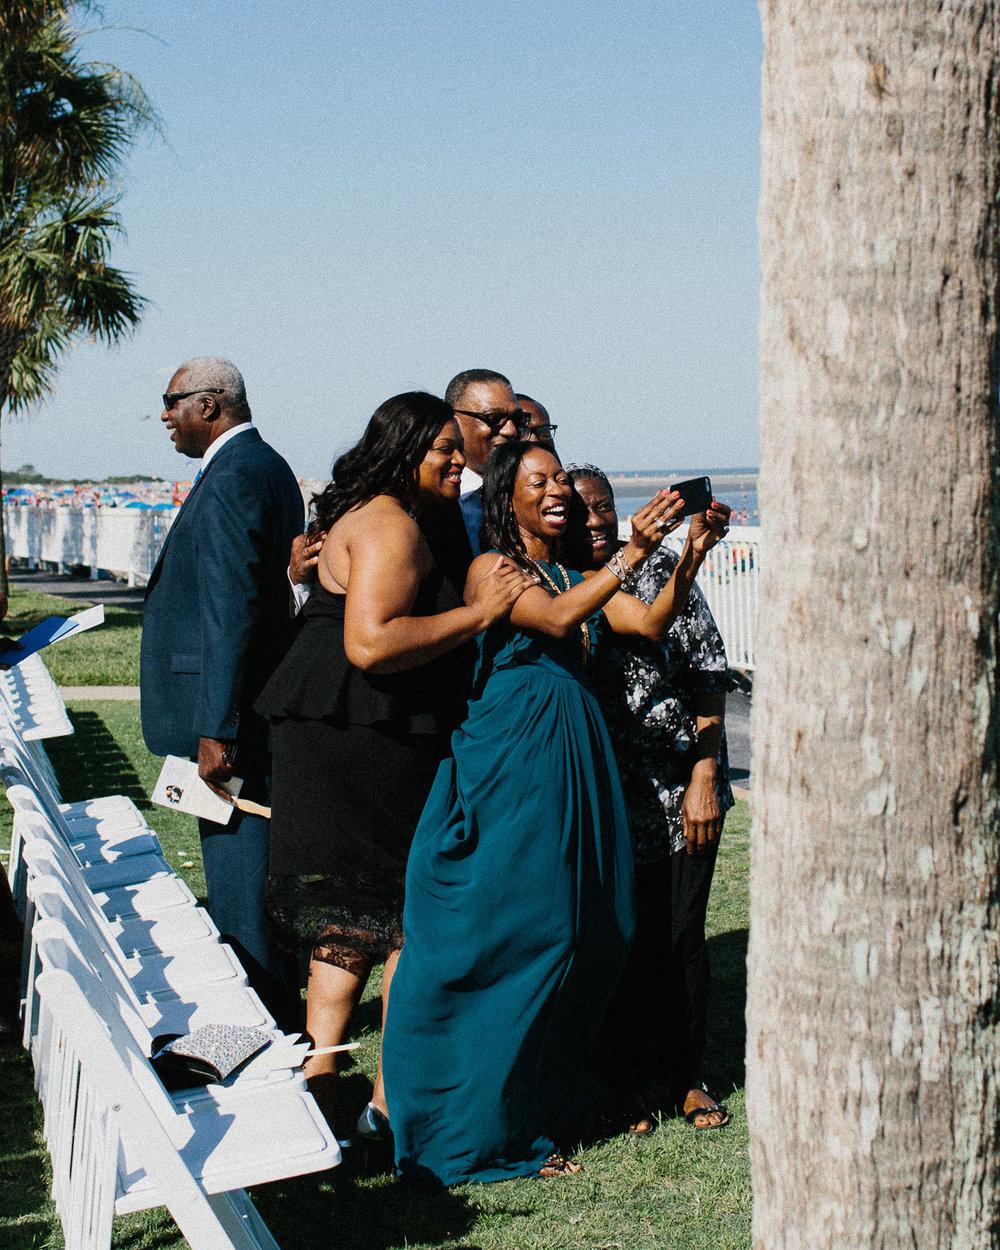 saint_simons_island_georgia_king_and_prince_wedding_photographers-468.jpg